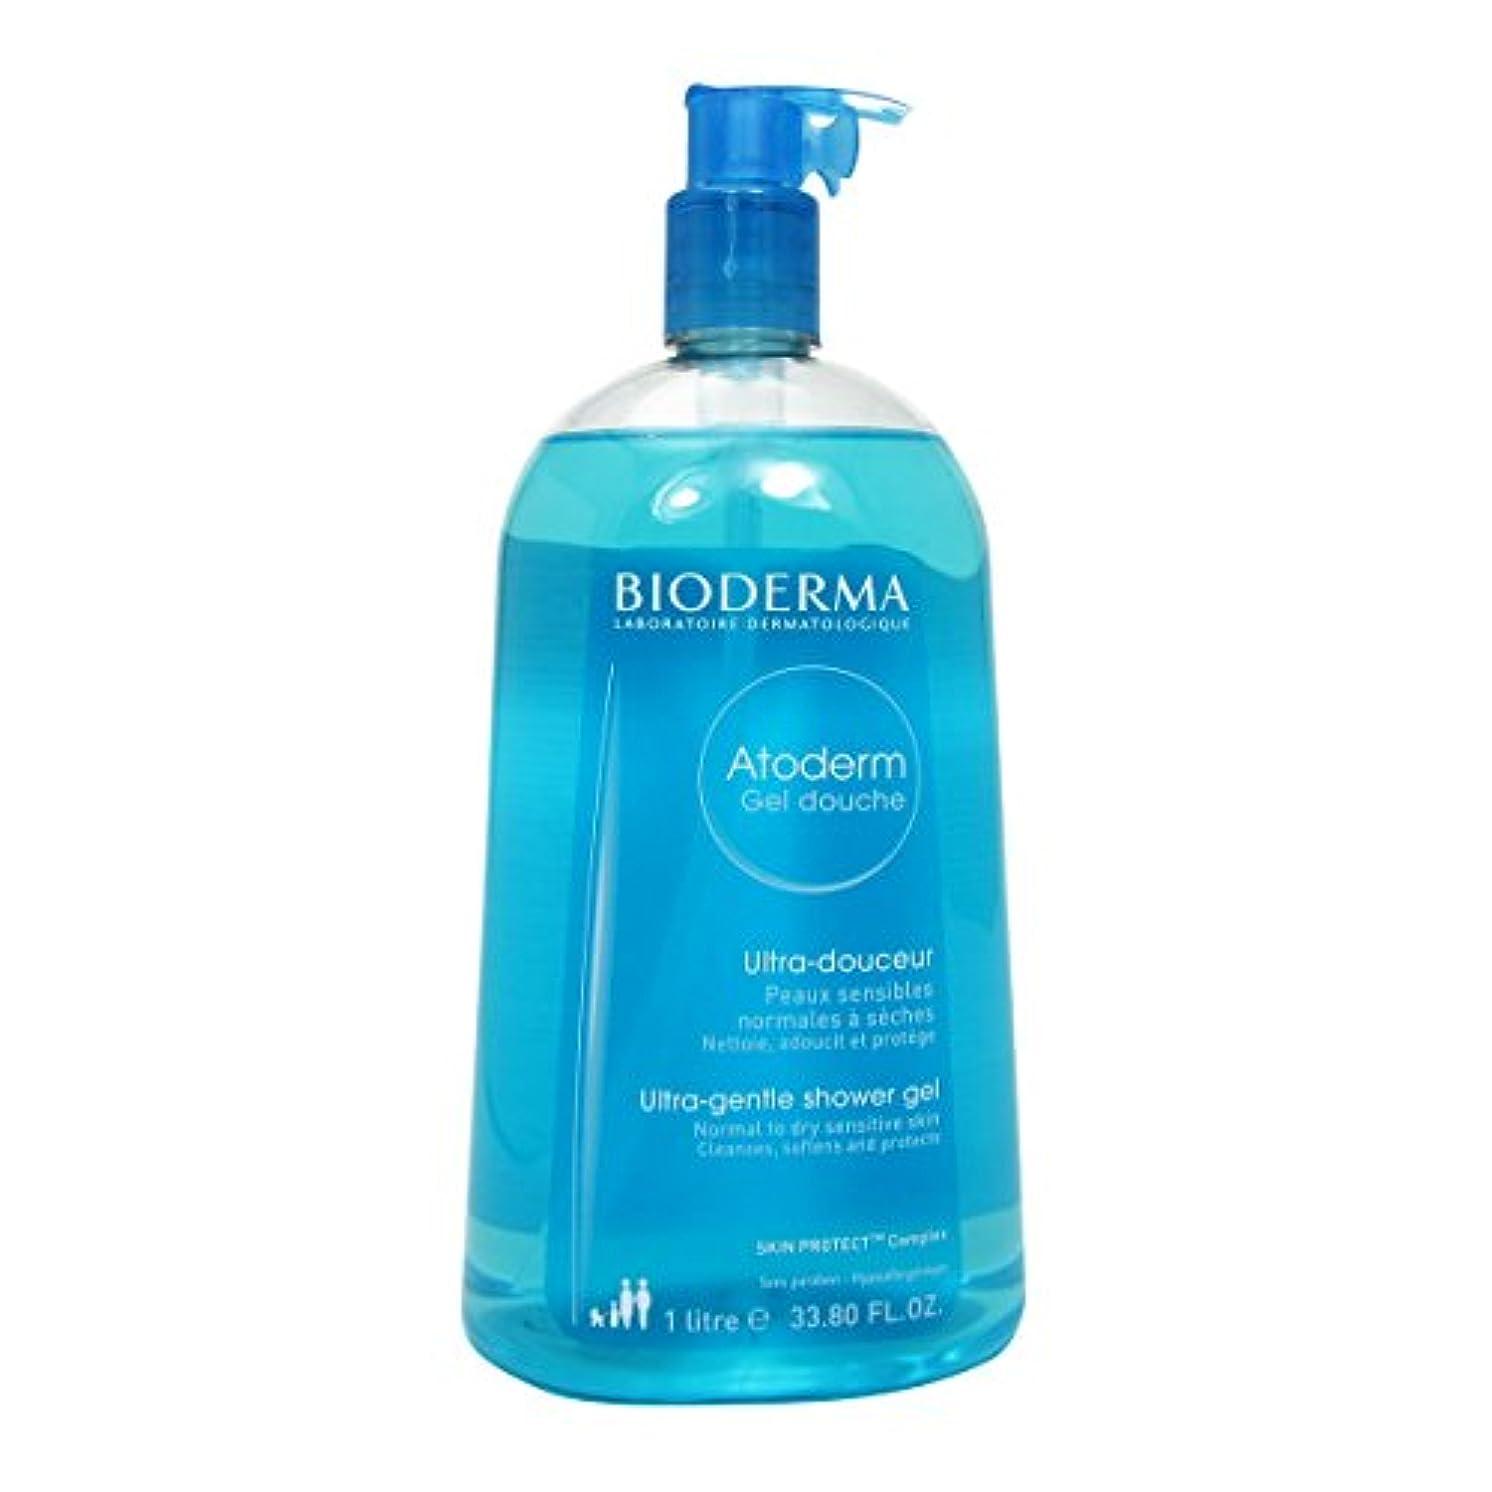 旅客実行素晴らしいですBioderma Atoderm Gentle Shower Gel 1000ml [並行輸入品]